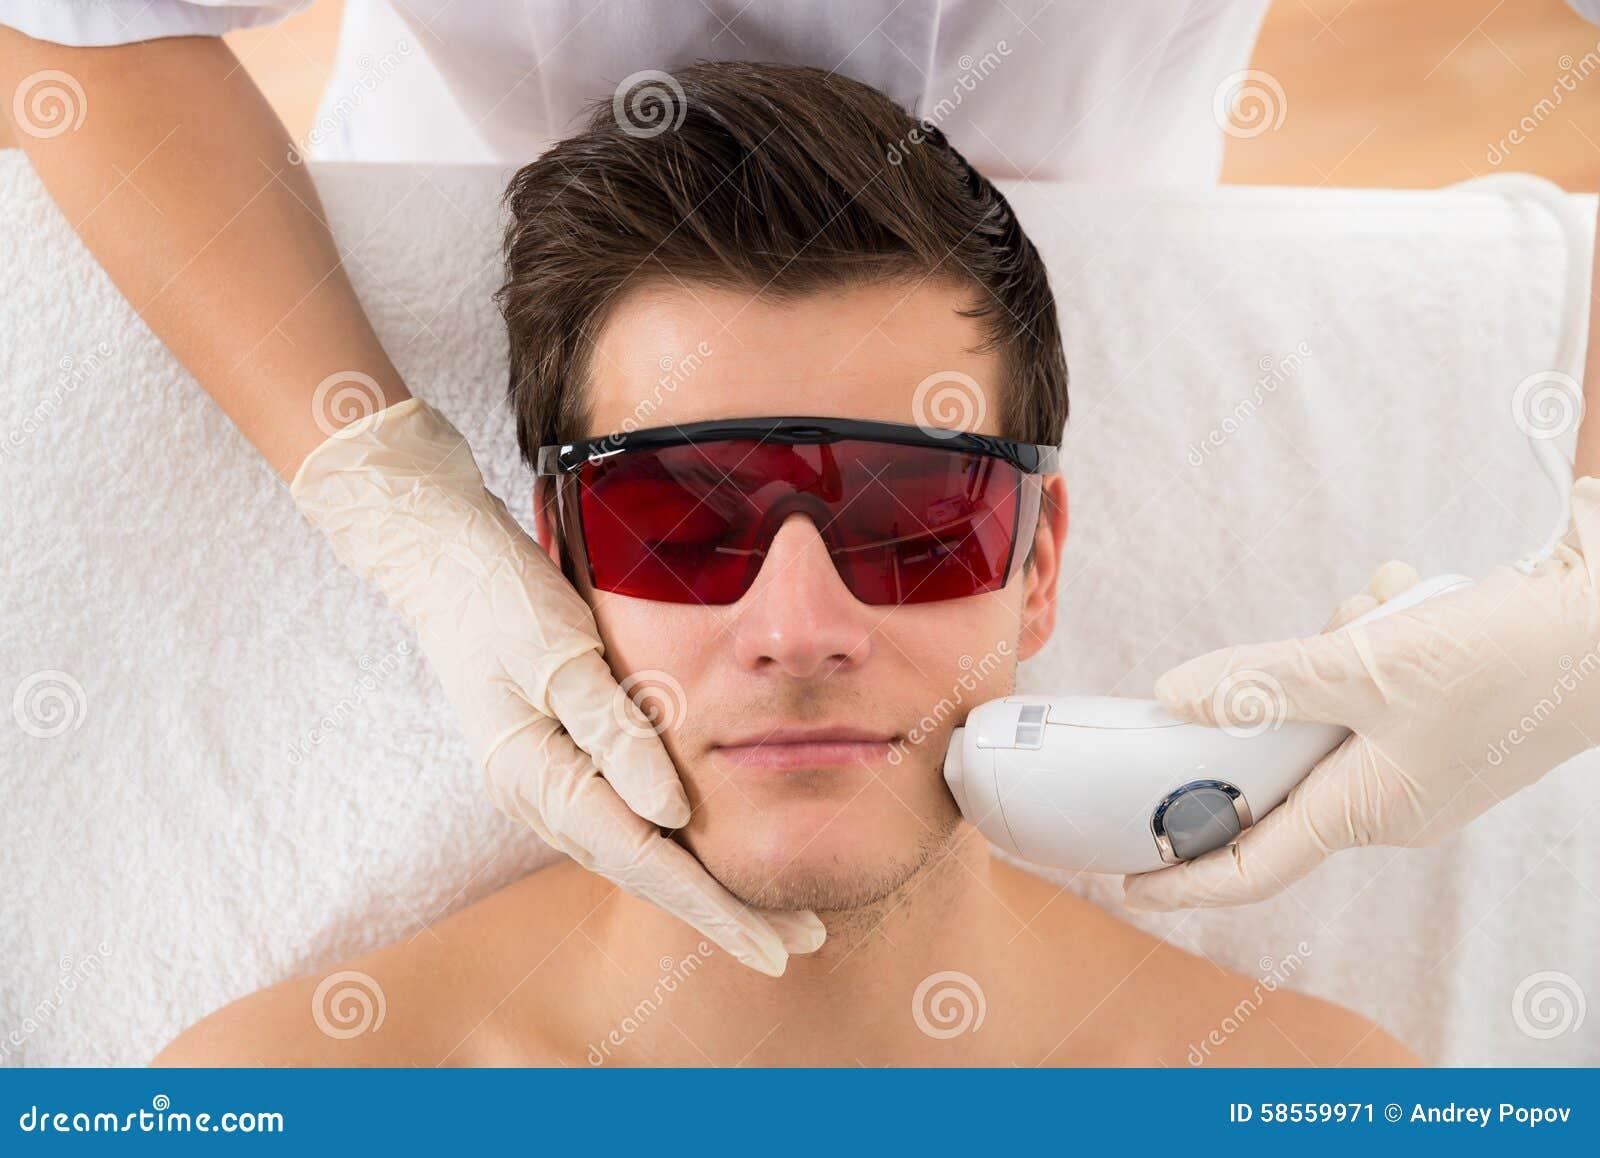 De Behandeling van schoonheidsspecialistgiving laser epilation aan Mensengezicht